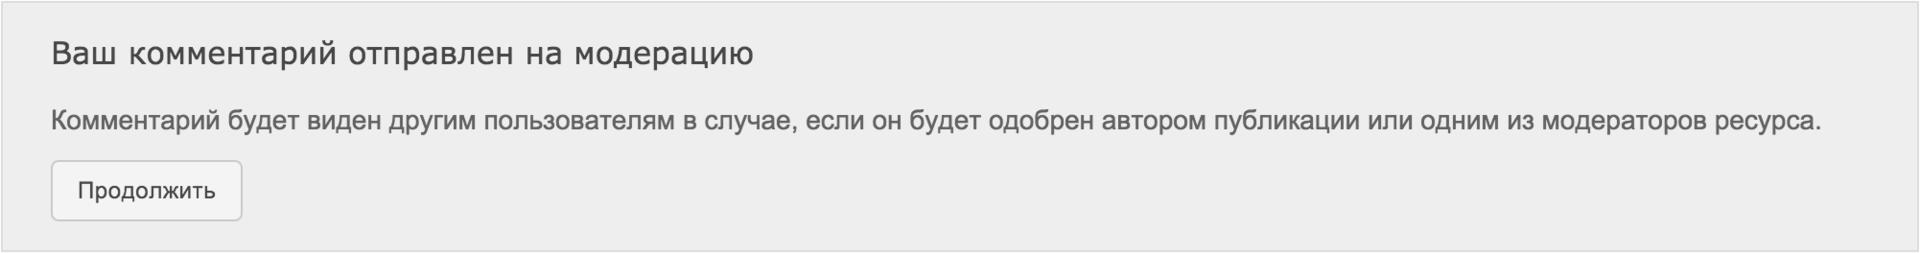 Read & Comment — новый тип аккаунта на «Мегамозге» - 1